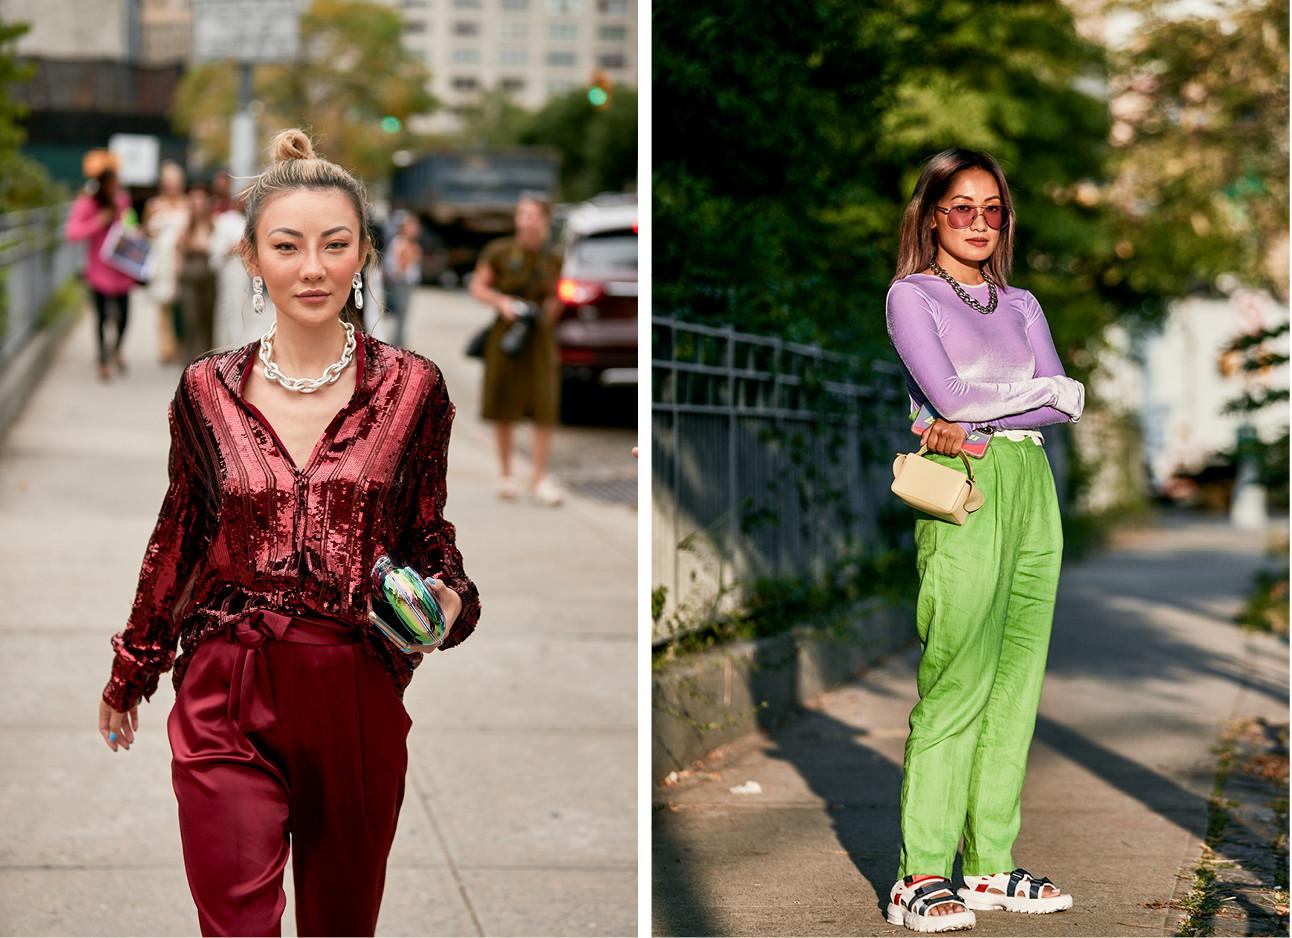 een meisje draagt een baksteen rood metallic pak en de andere een neon groene broek emt een lil top